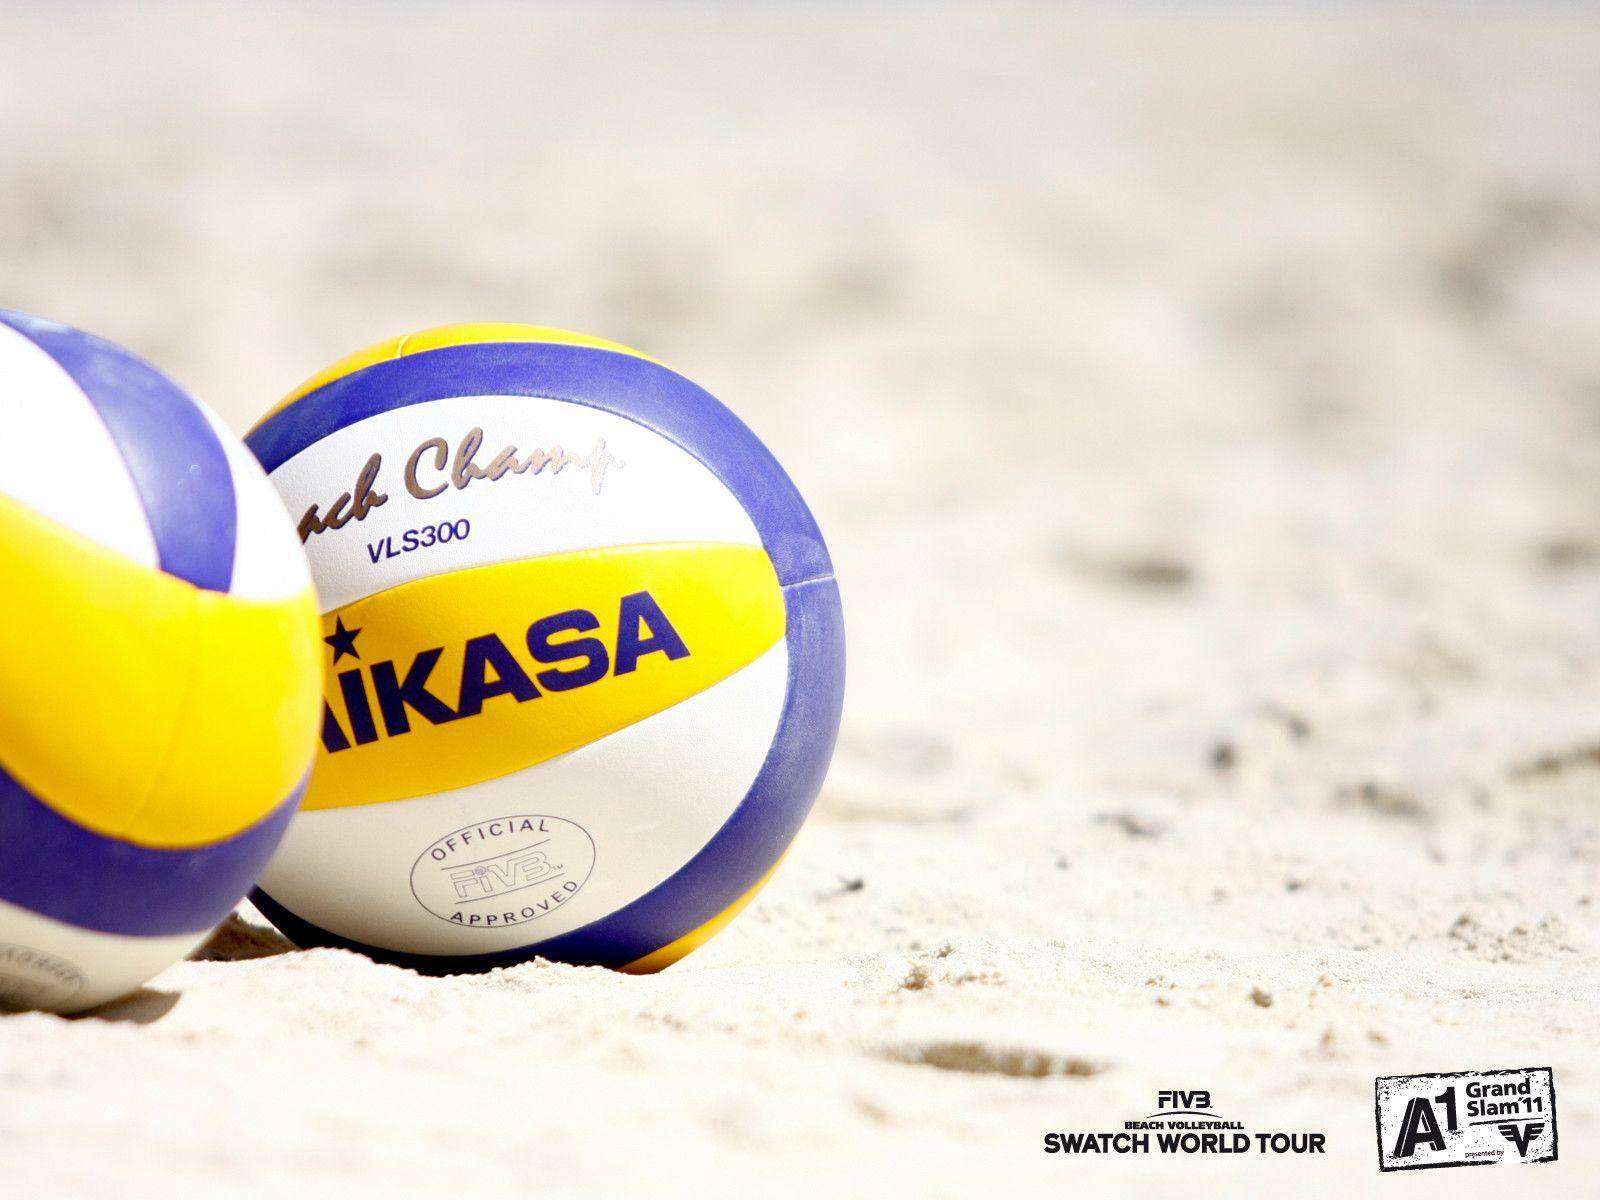 Sport Wallpaper Volleyball: Volley Ball Wallpaper